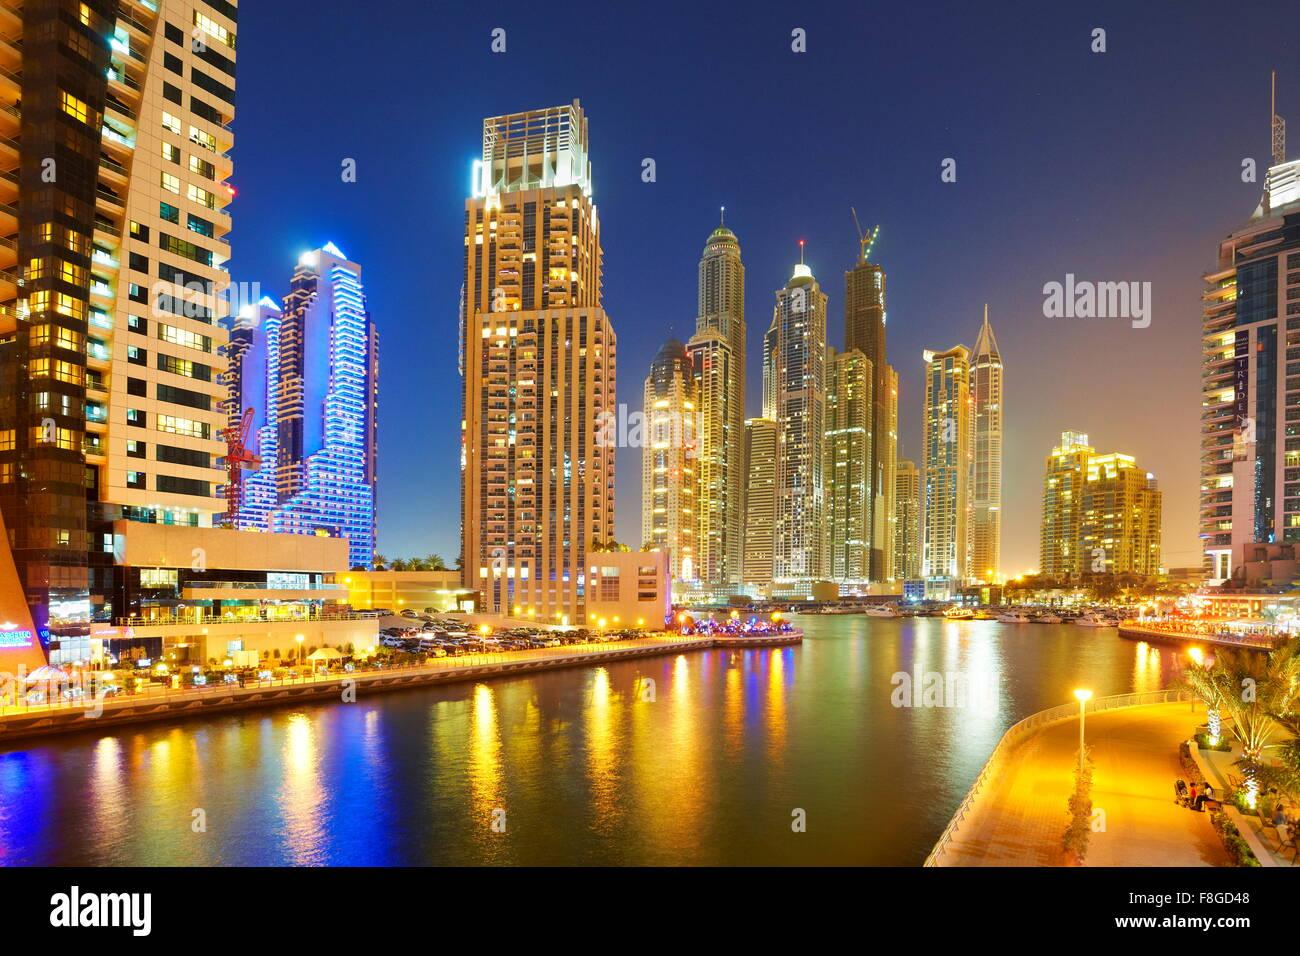 Dubai evening skyline - Marina, United Arab Emirates - Stock Image